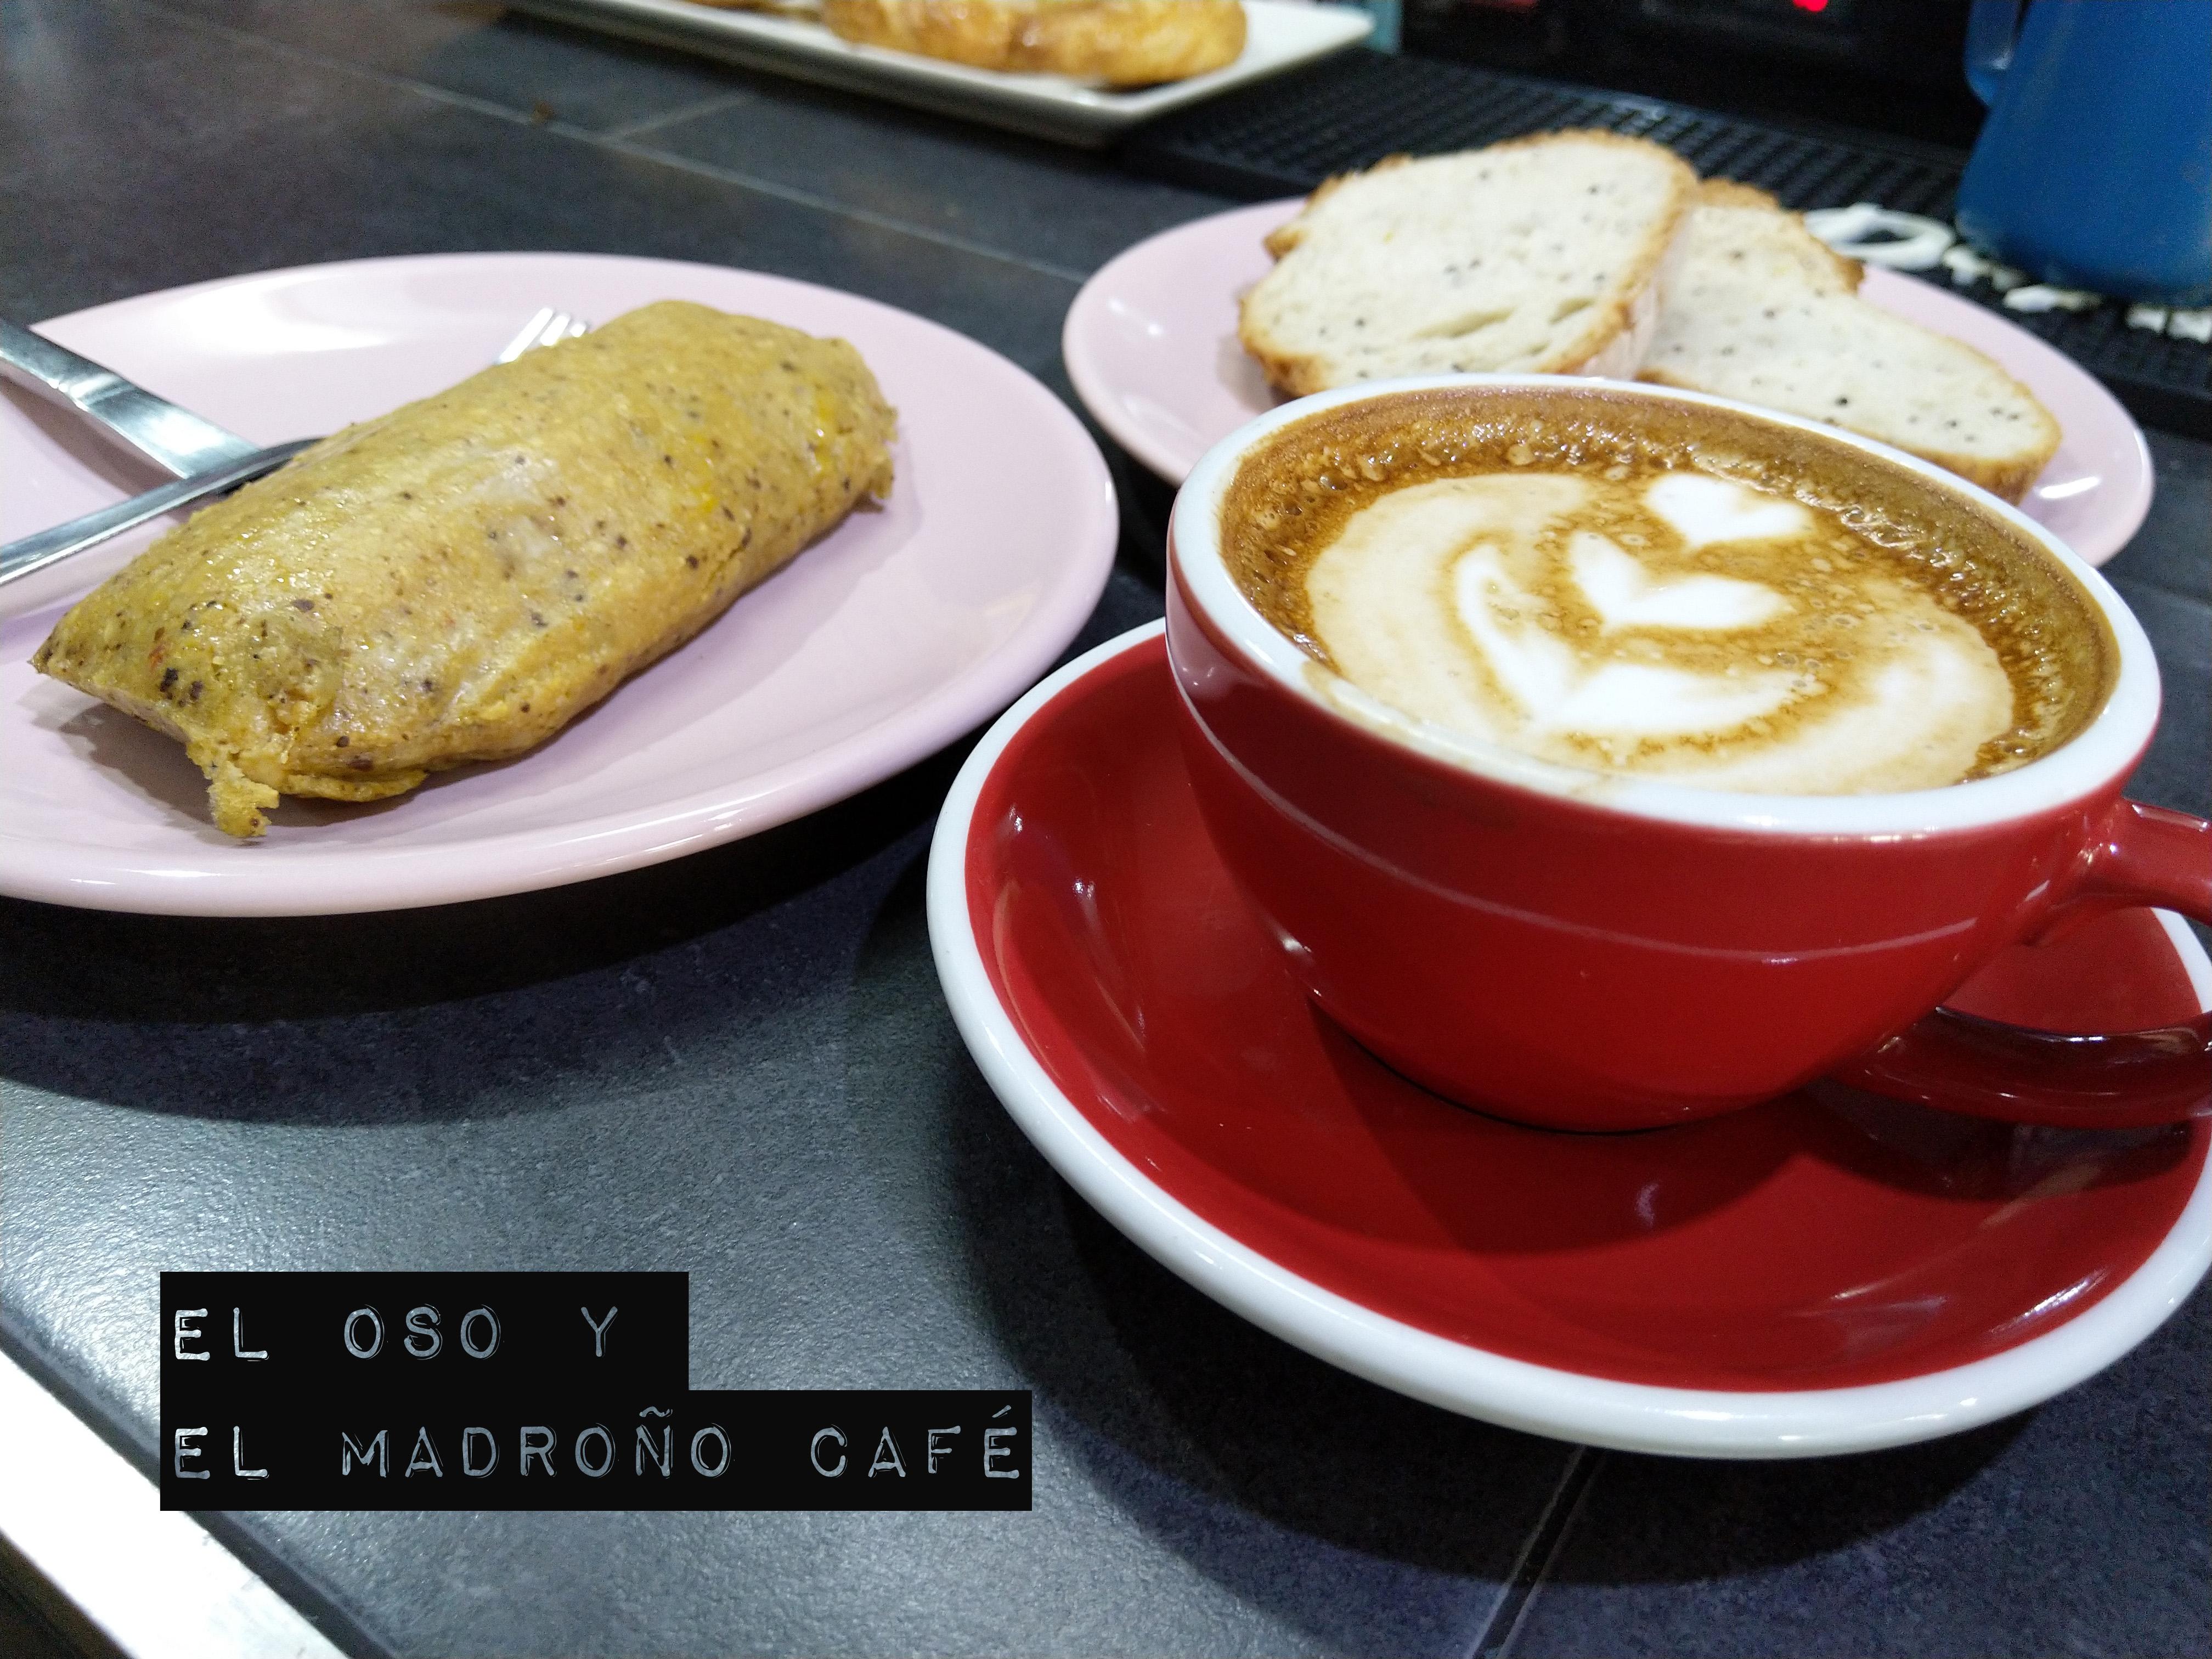 Tamal y café de especialidad de Perú, perfecto desayuno dominguero